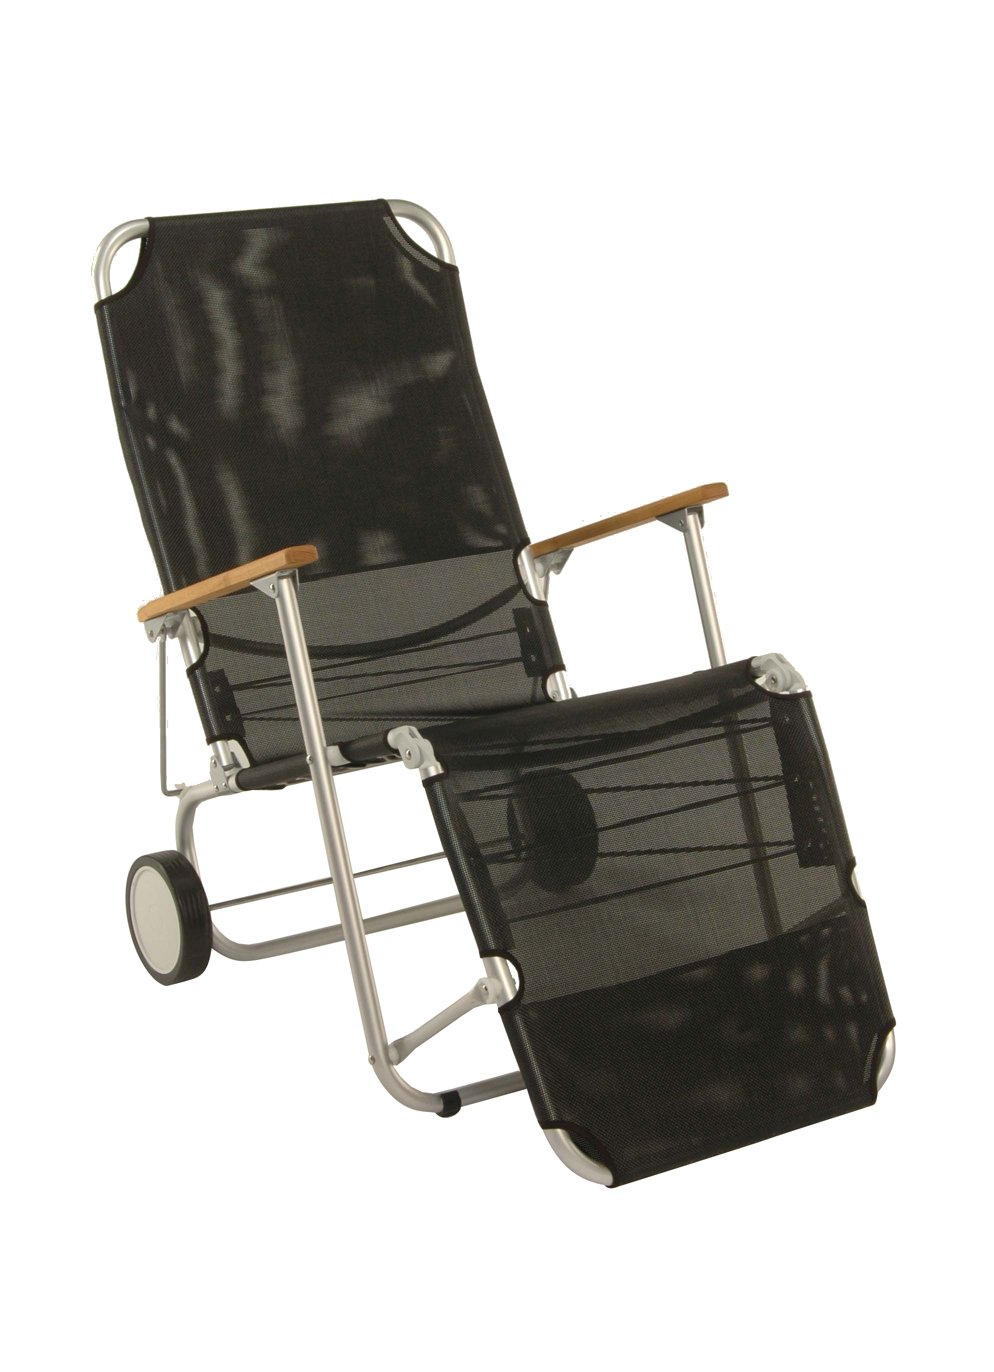 Stern 440701 Beach Carry, Gestell Aluminium mit Teakarmlehnen, Bezug Textilen schwarz jetzt kaufen